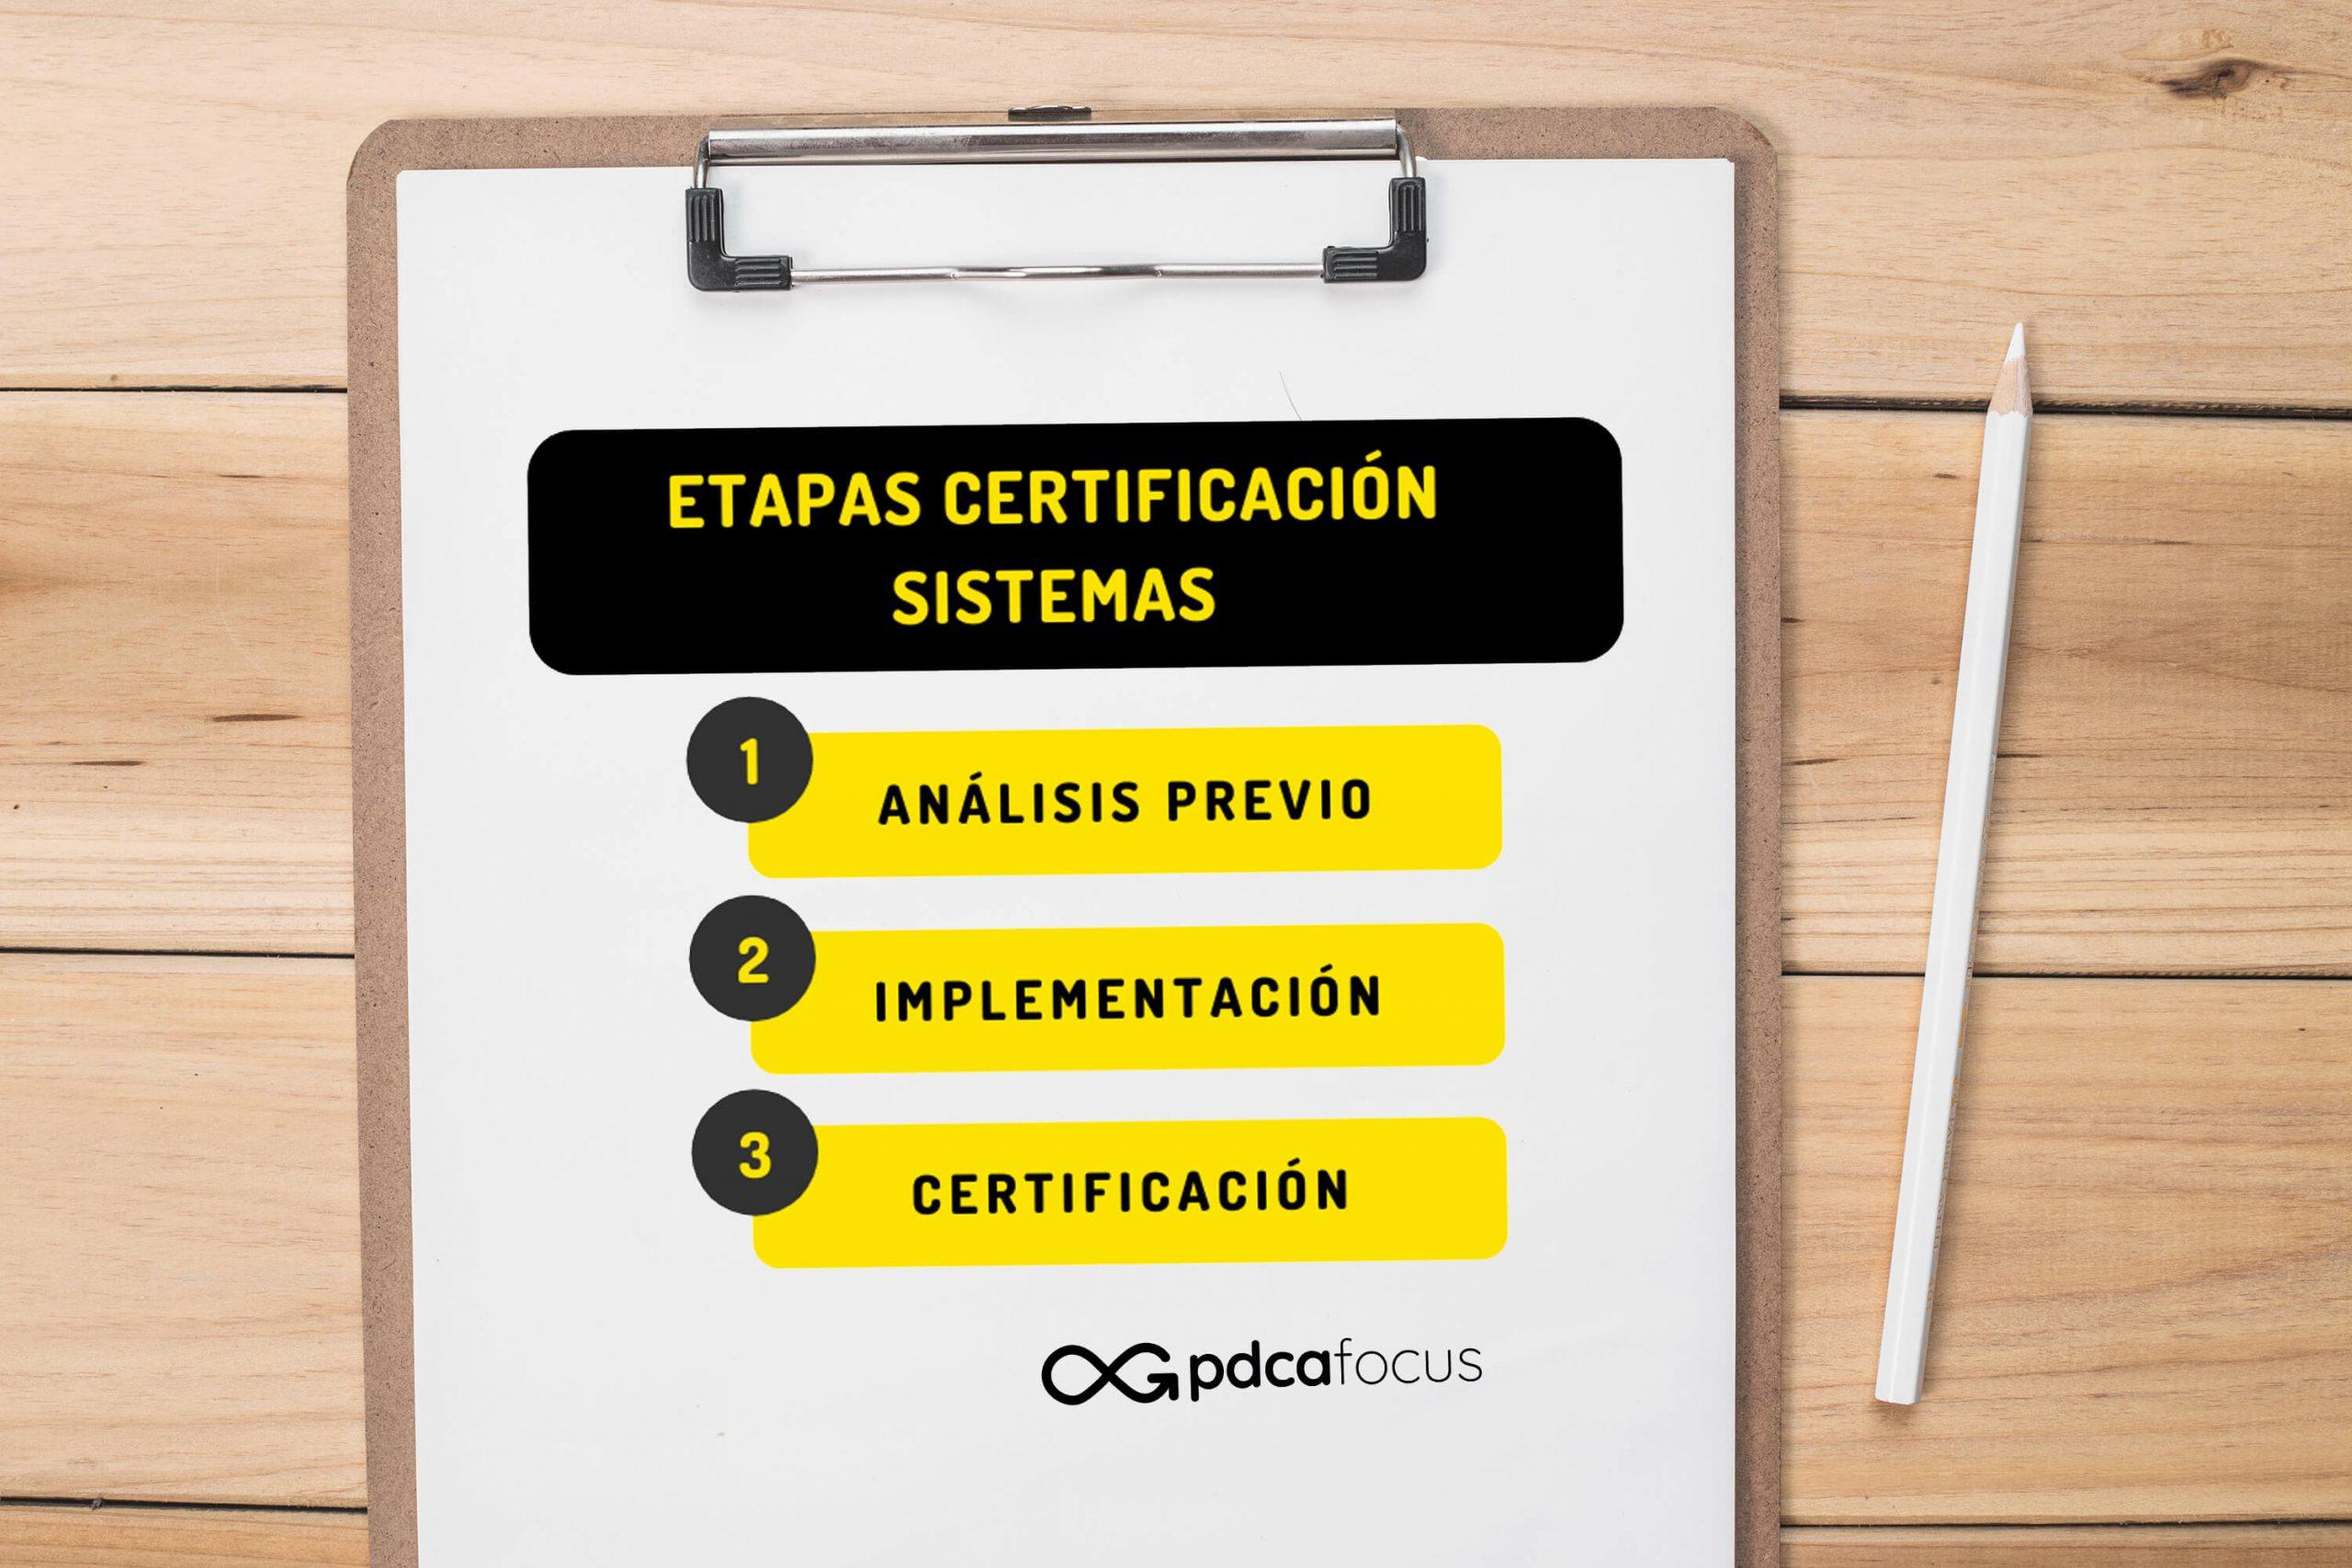 Etapas de la certificación de Sistemas de Gestión